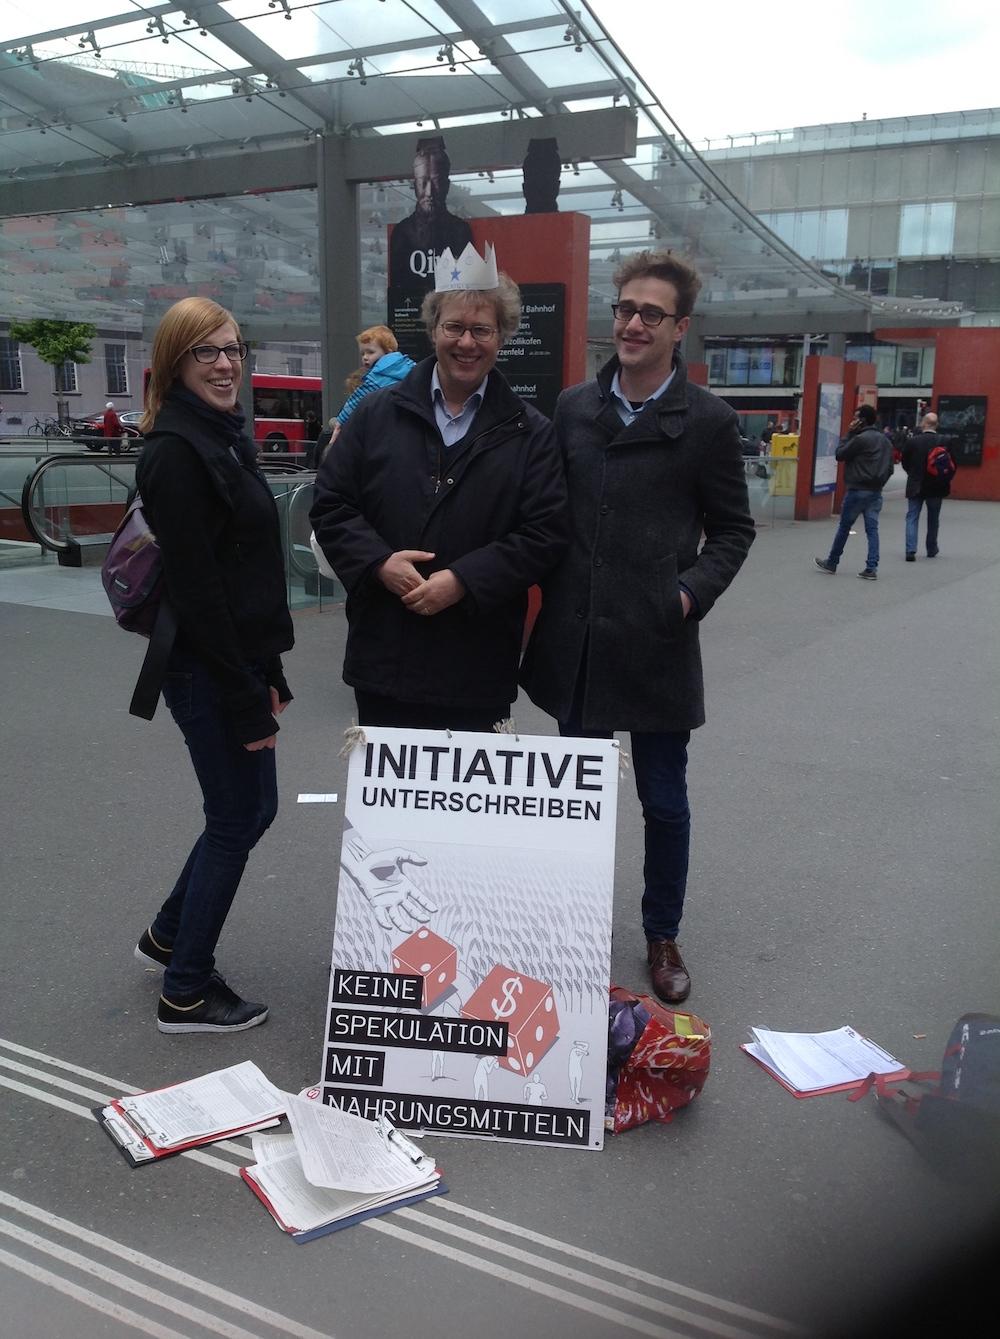 Auch mal lustig: Sammel-Duell für die Juso-Initiative mit David Roth am 25. Mai 2013 in Bern. Jo Lang: «Ich habe knapp gewonnen.»